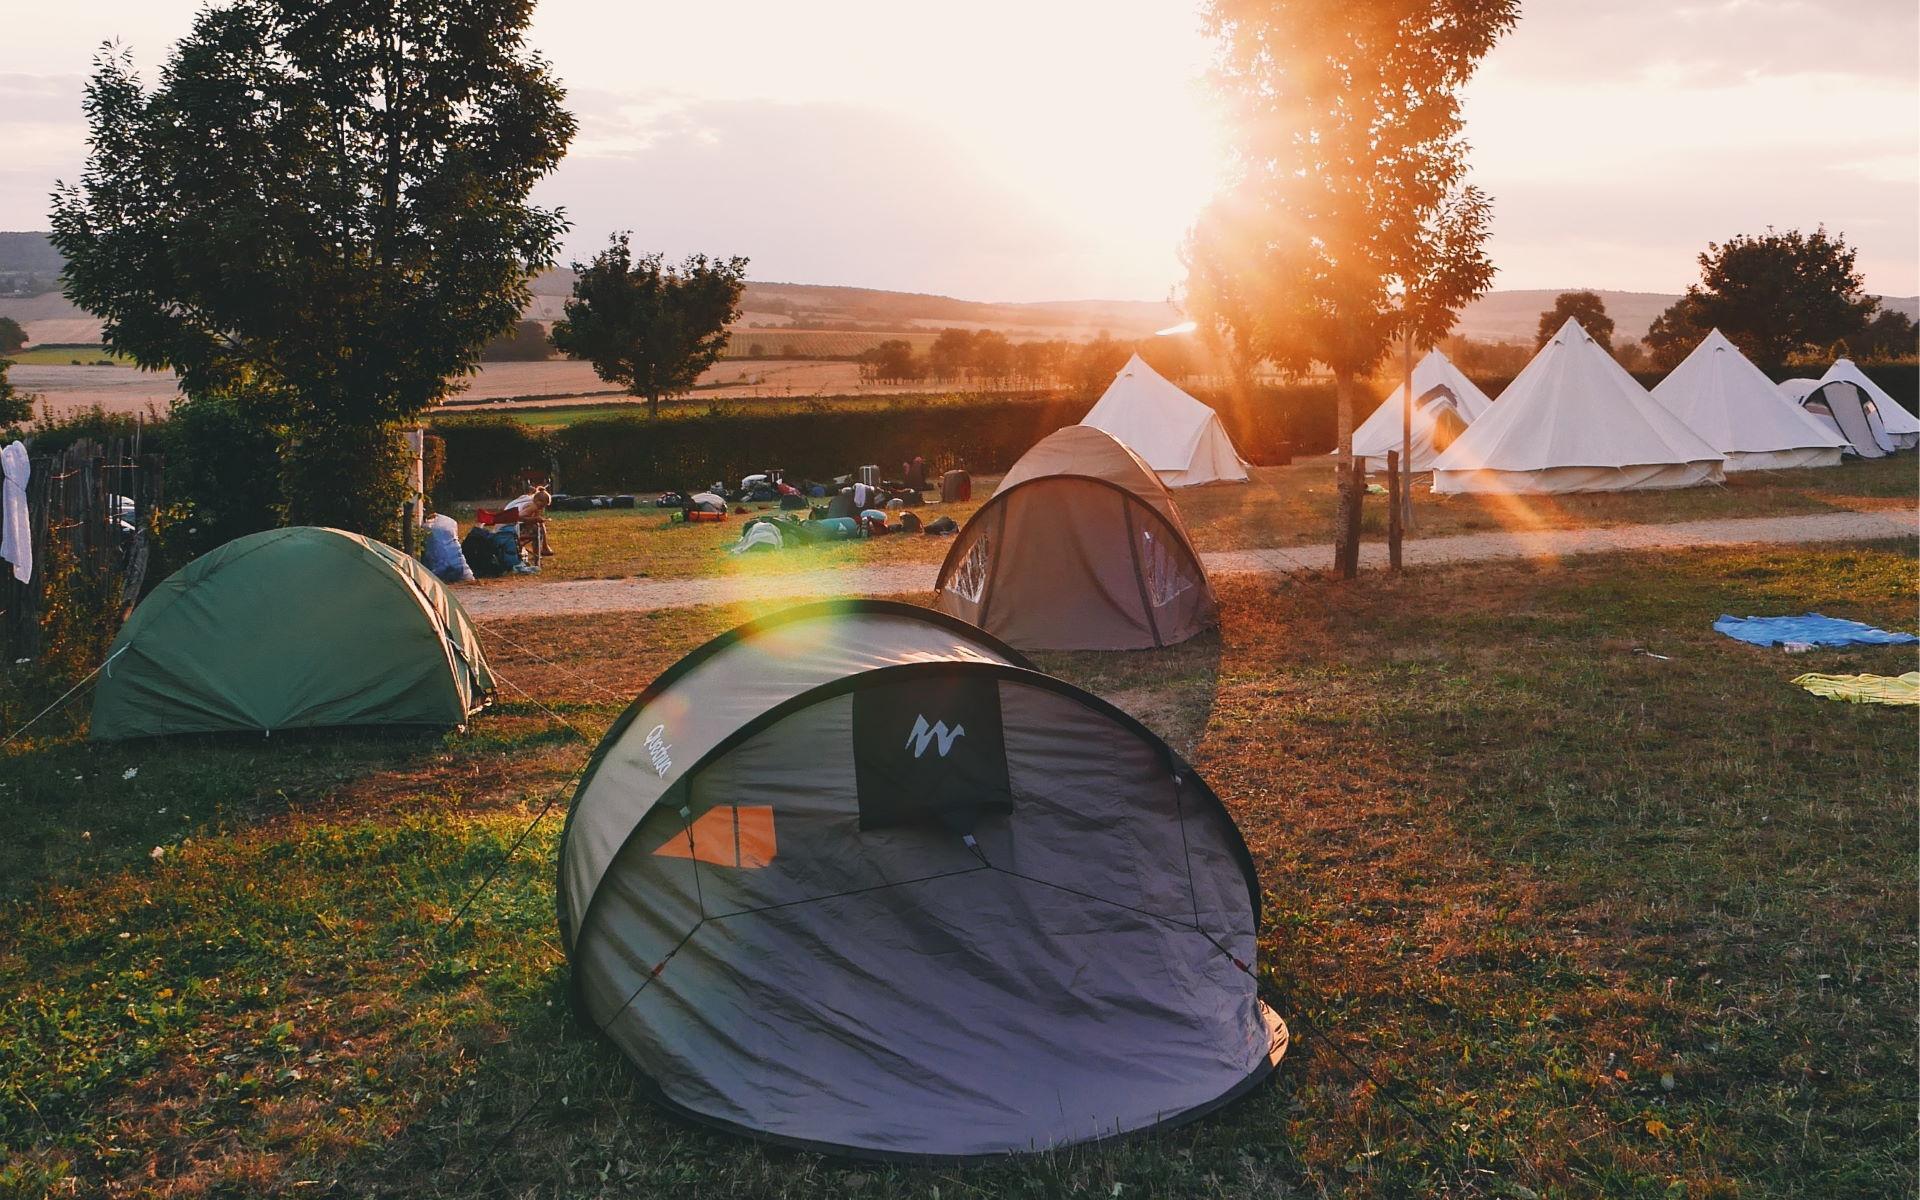 Zelte auf einem Zeltplatz im Sonnenuntergang